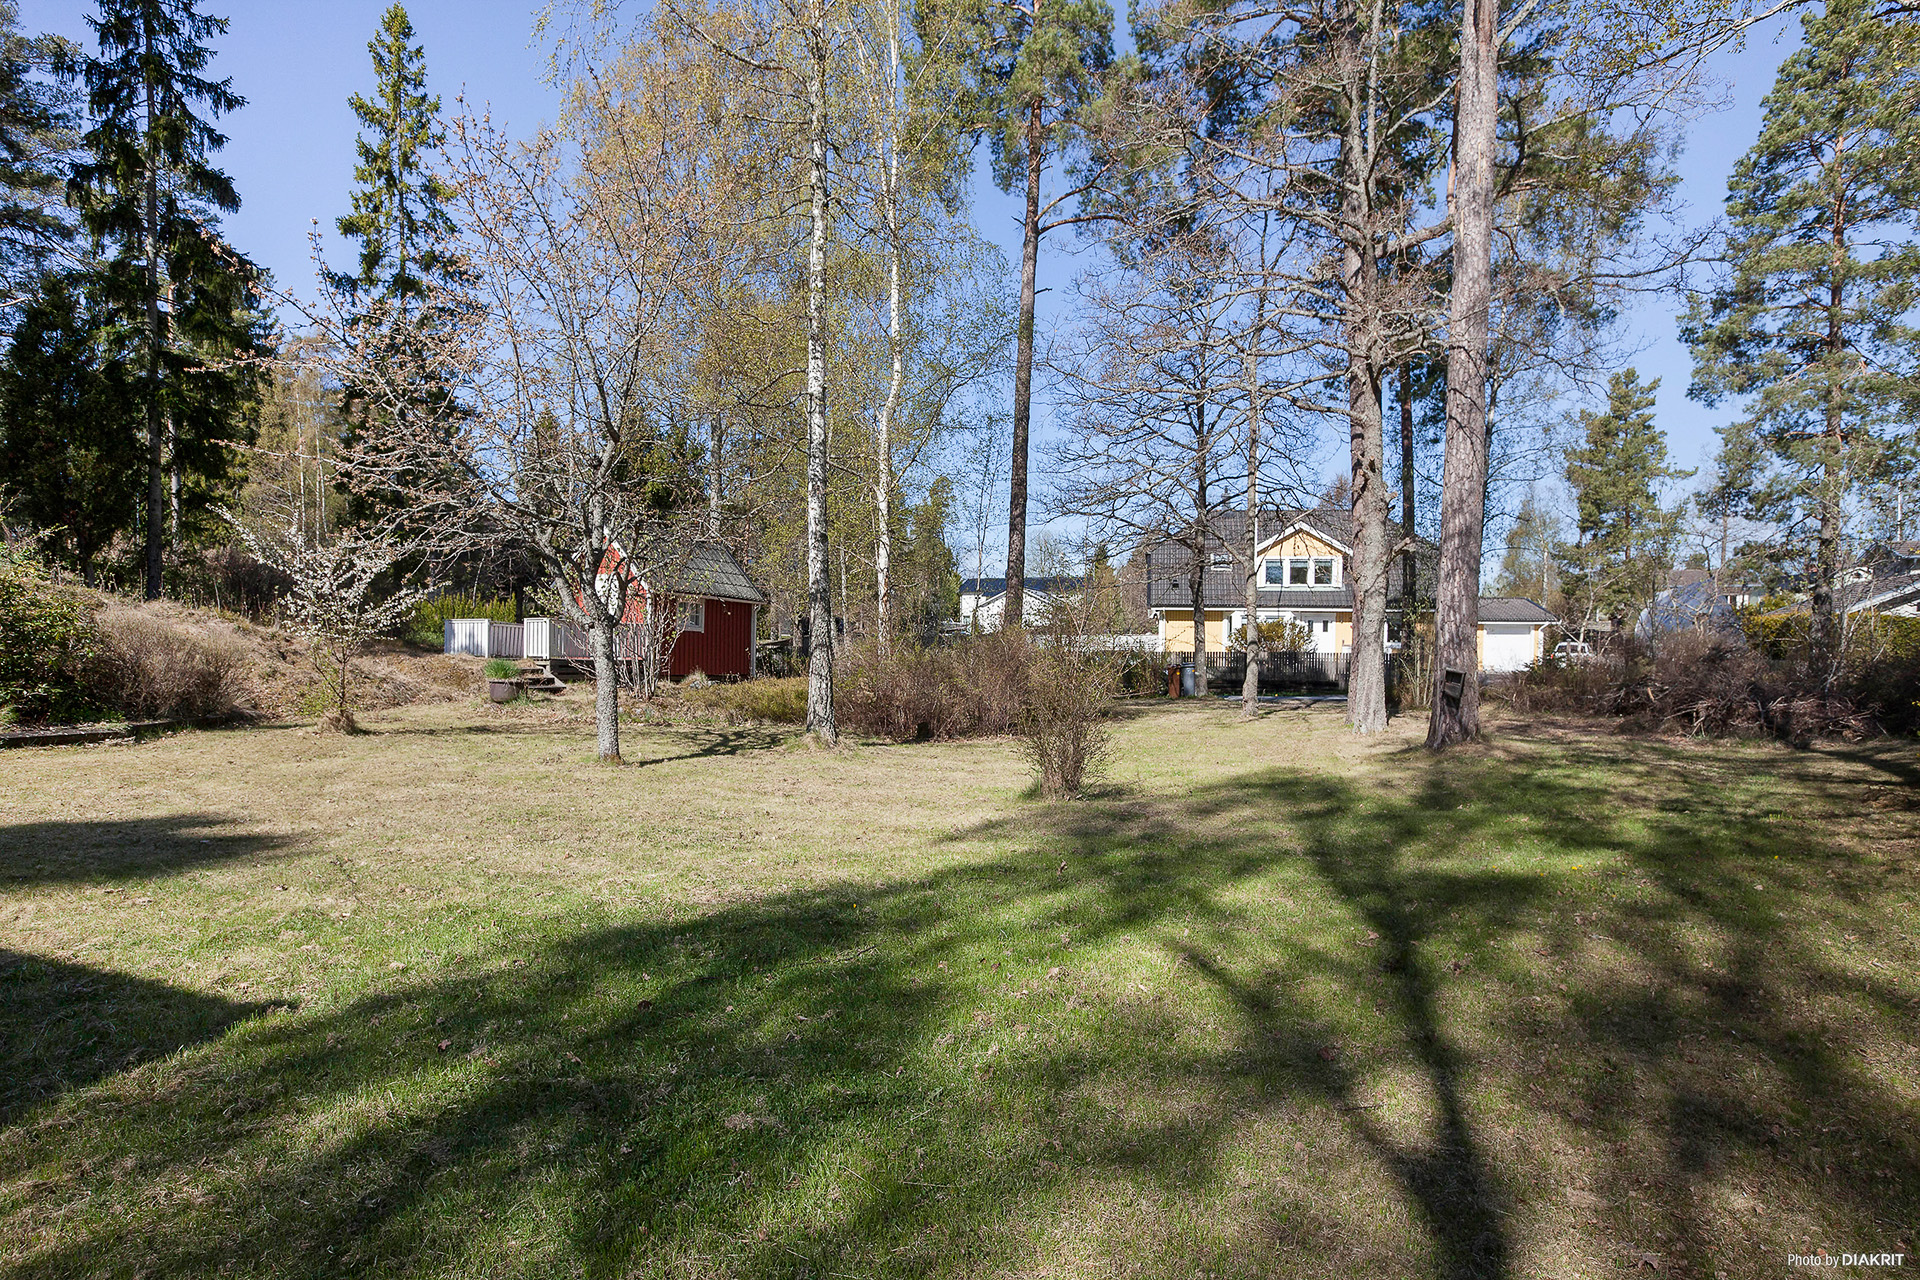 Tomten har gräsmatta och trädgårdsbuskar samt tall och björkträd.